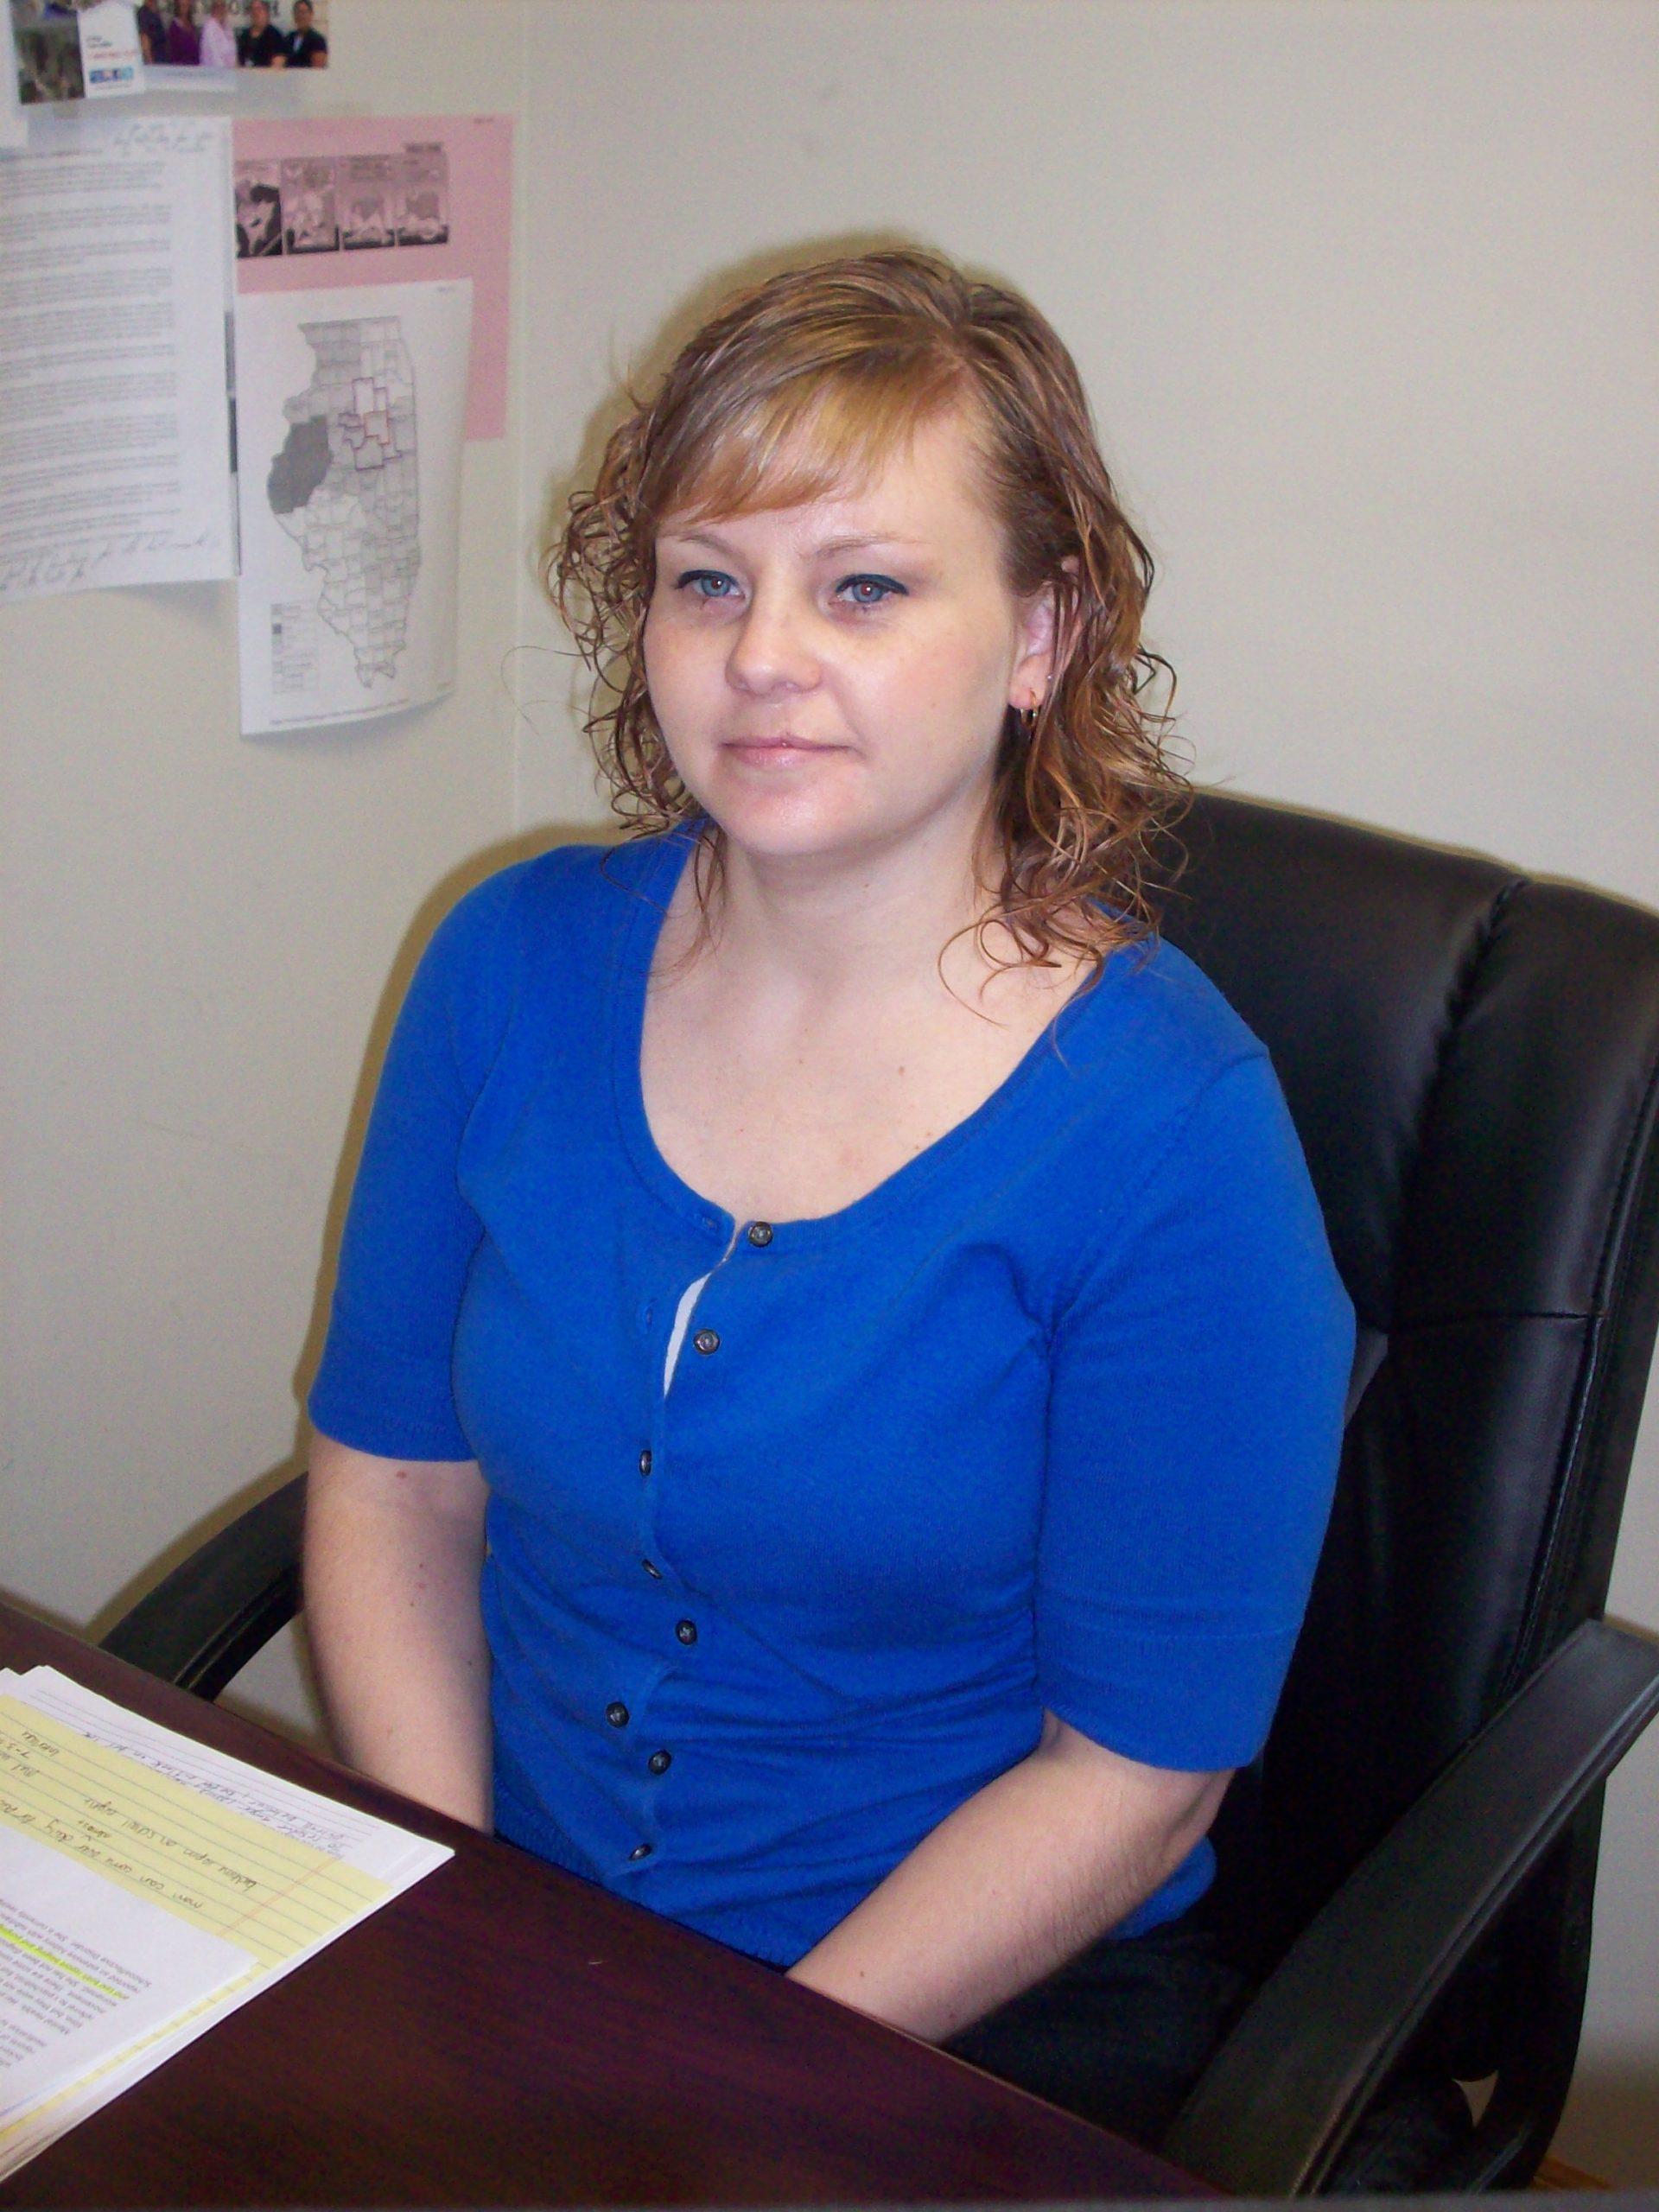 Sherry Brendalen, MS, LCPC